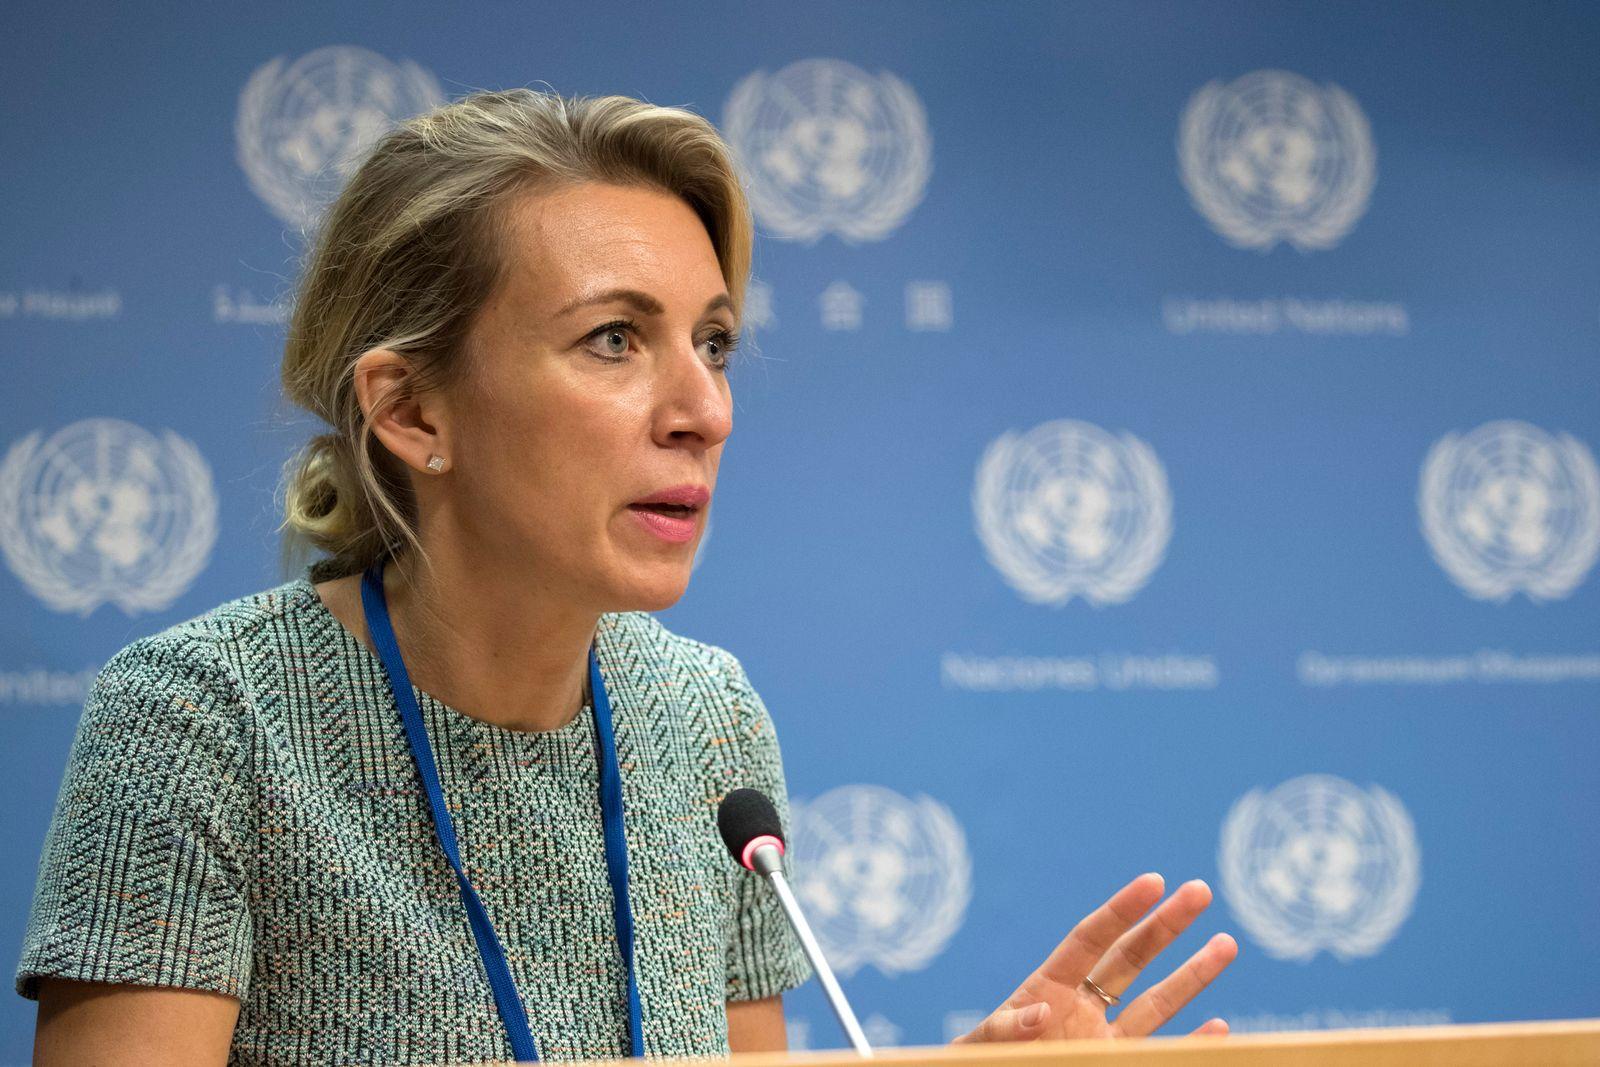 Maria Sacharowa